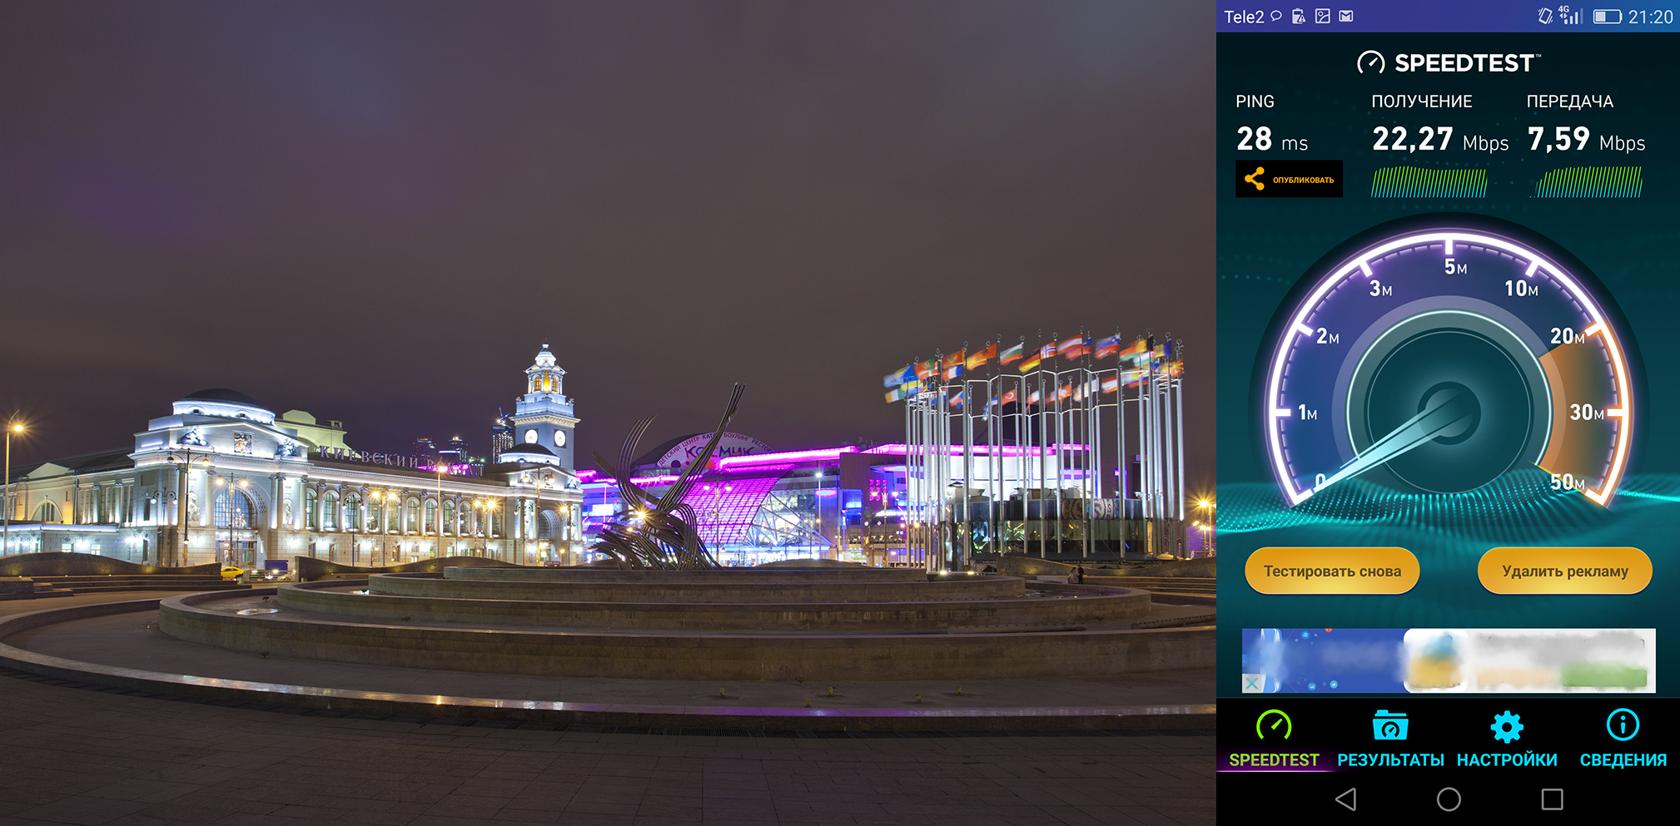 Tele2 в Москве: тестируем сеть нового оператора - 8